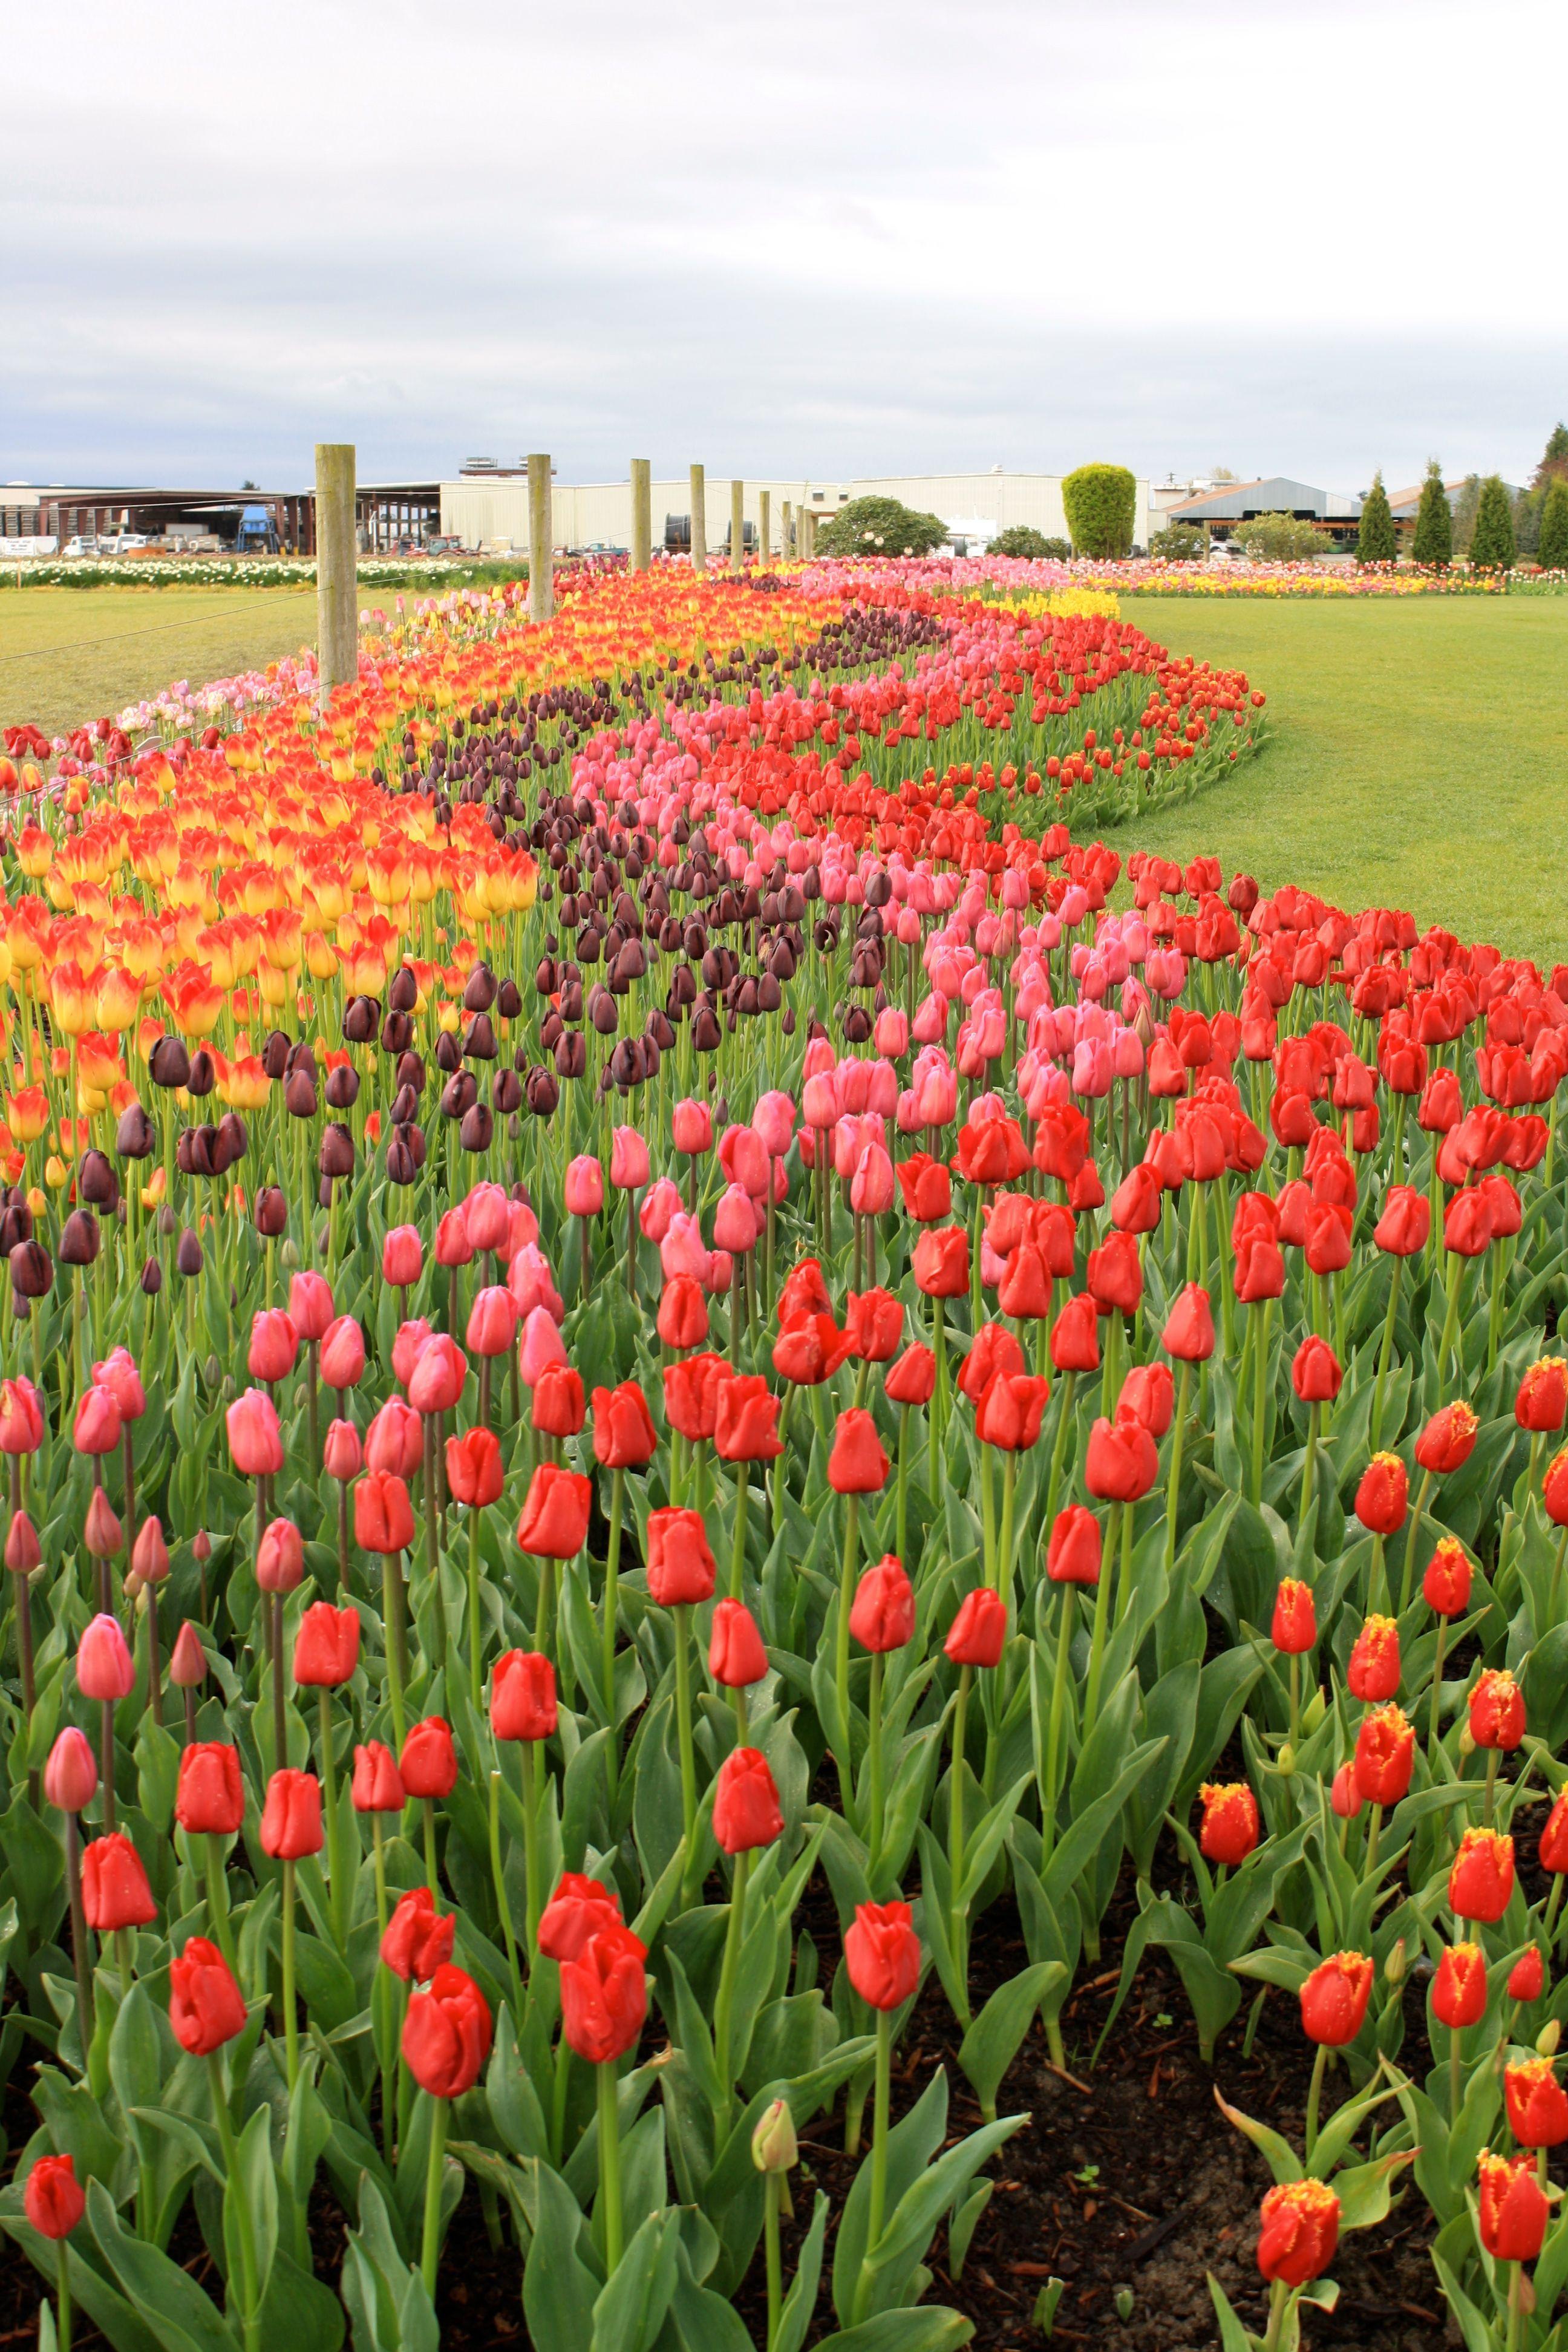 Pin By Lori Wood On Eye Candy Beautiful Flowers Garden Flower Garden Seattle Japanese Garden